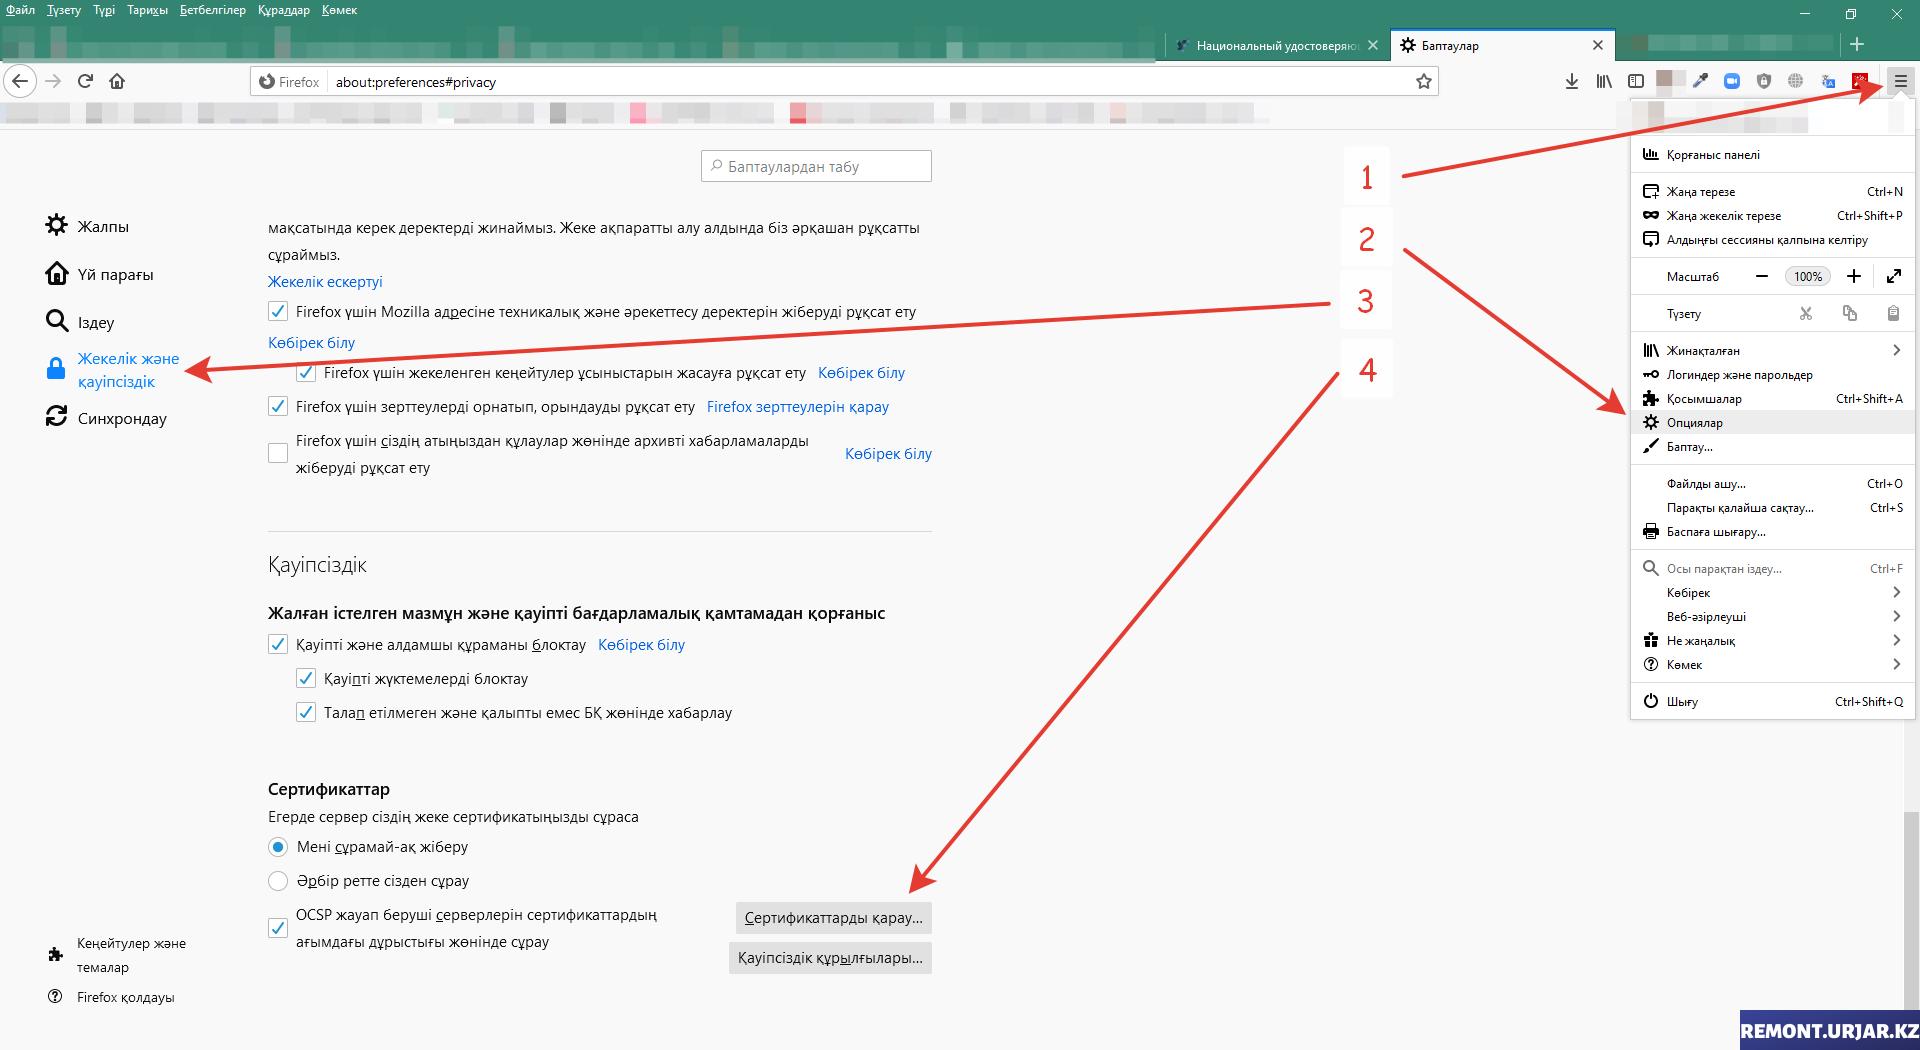 хранилище сертификатов в браузере файерфокс мозилла